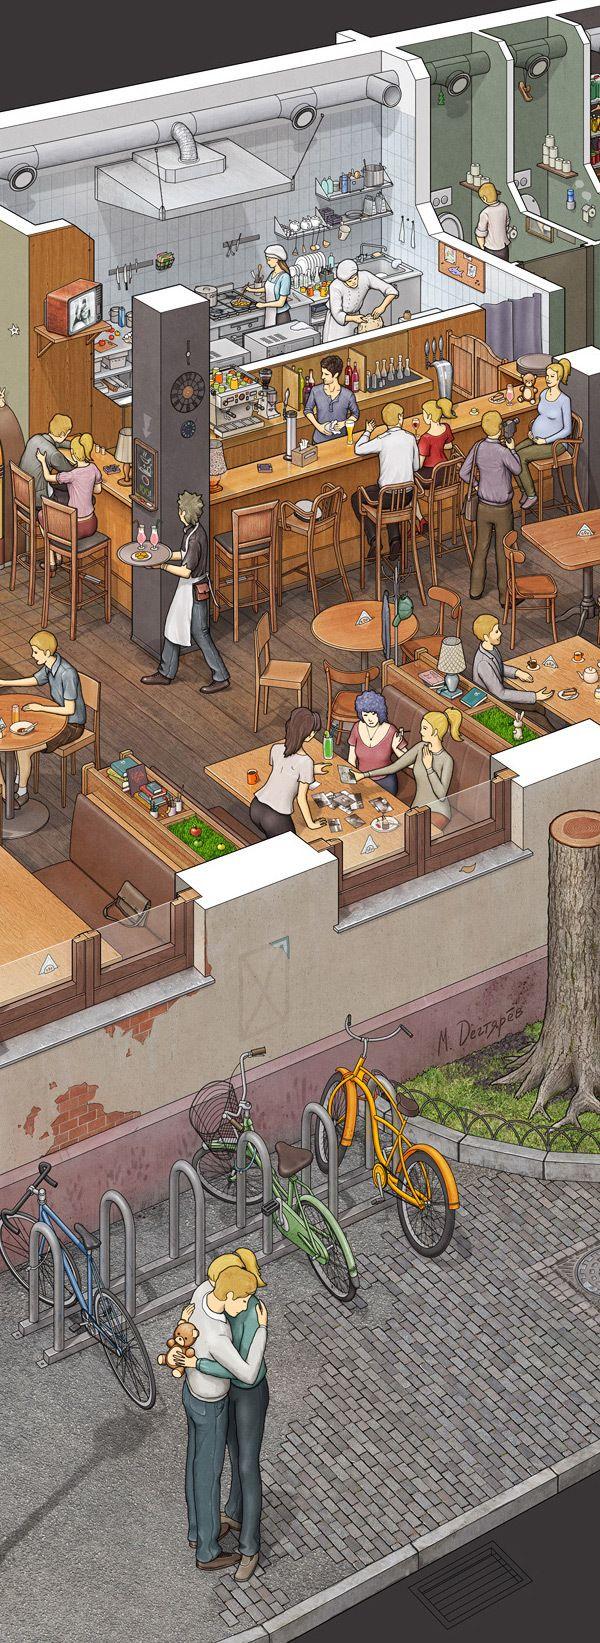 DeLorean Cafe by Max Degtyarev, via Behance